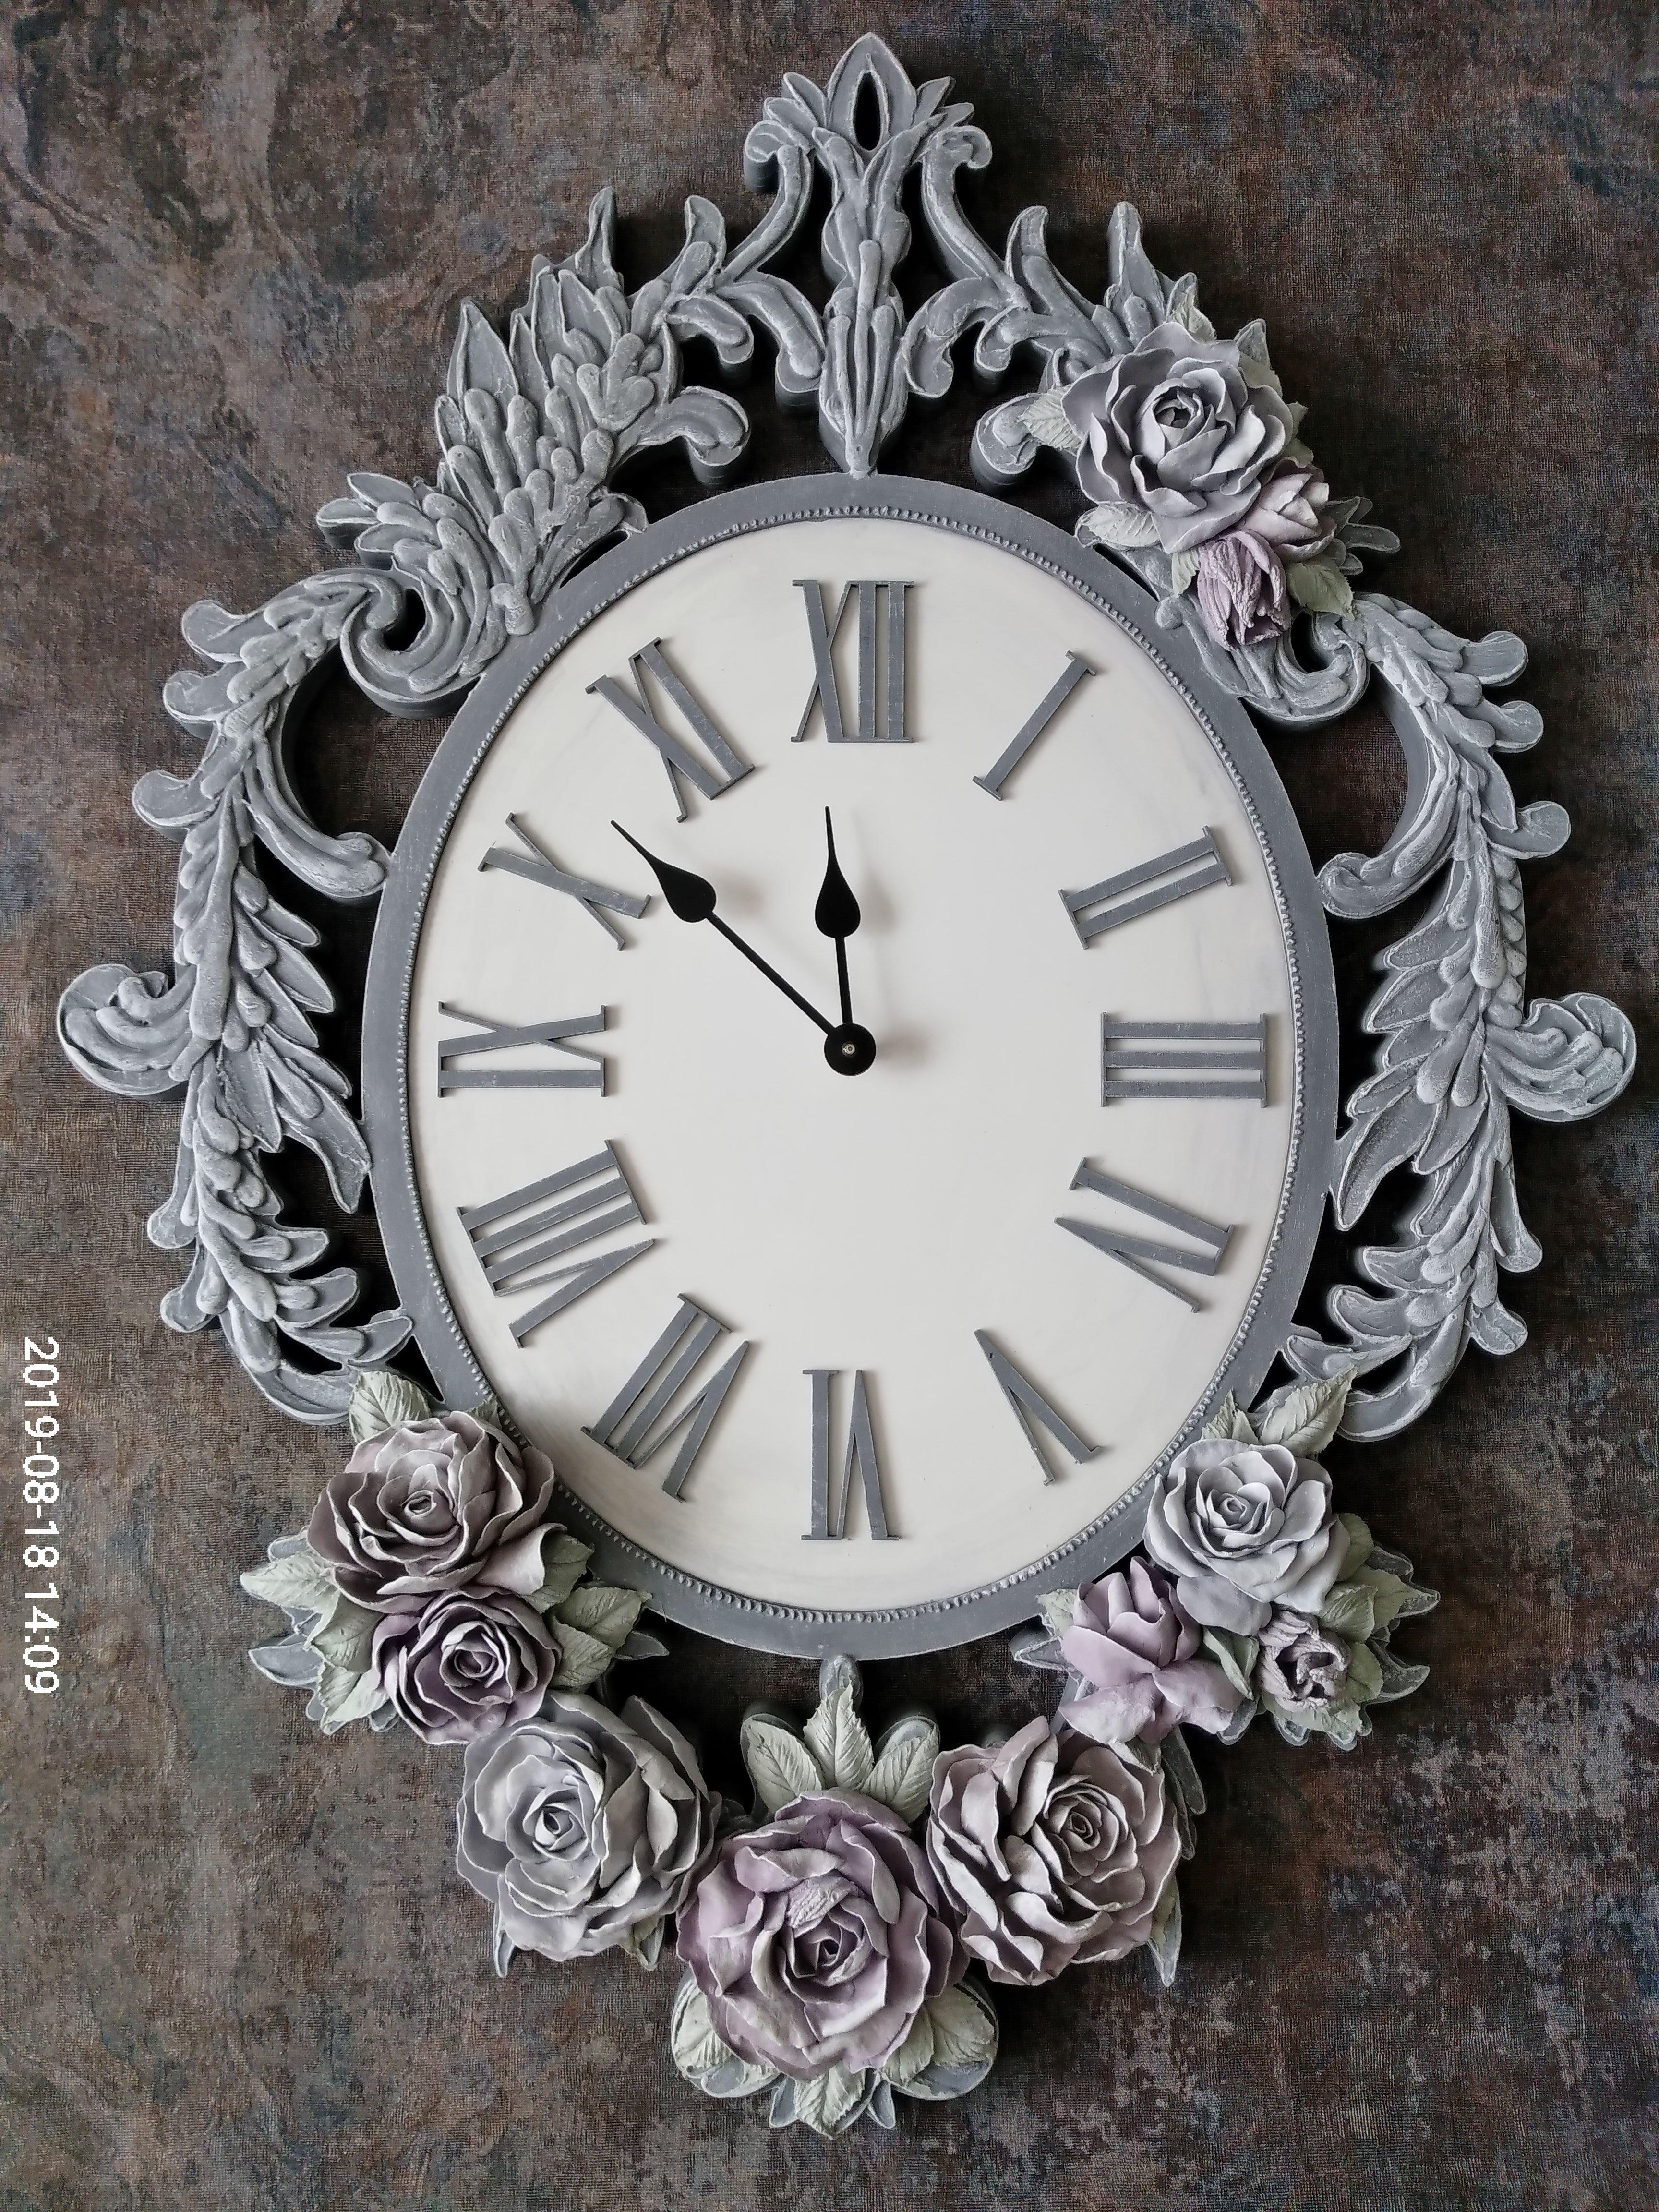 подарок работа ручная уют интерьер часы шеббишик дом